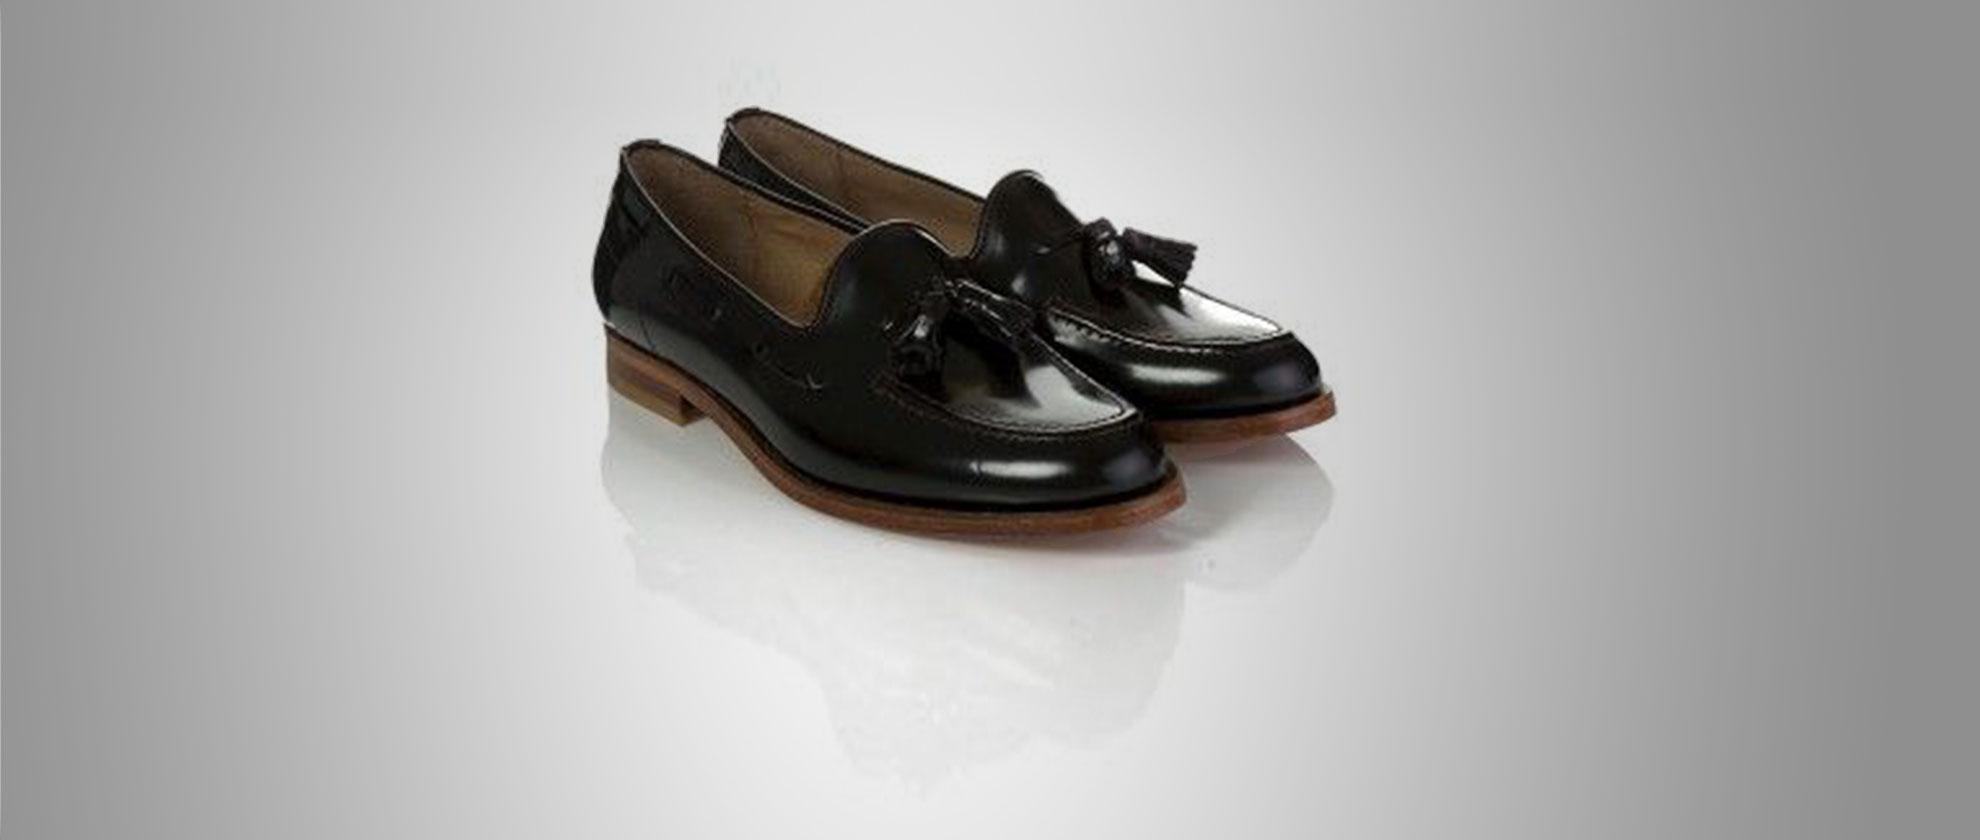 Staff Picks – Hudson Black Stanford Loafer